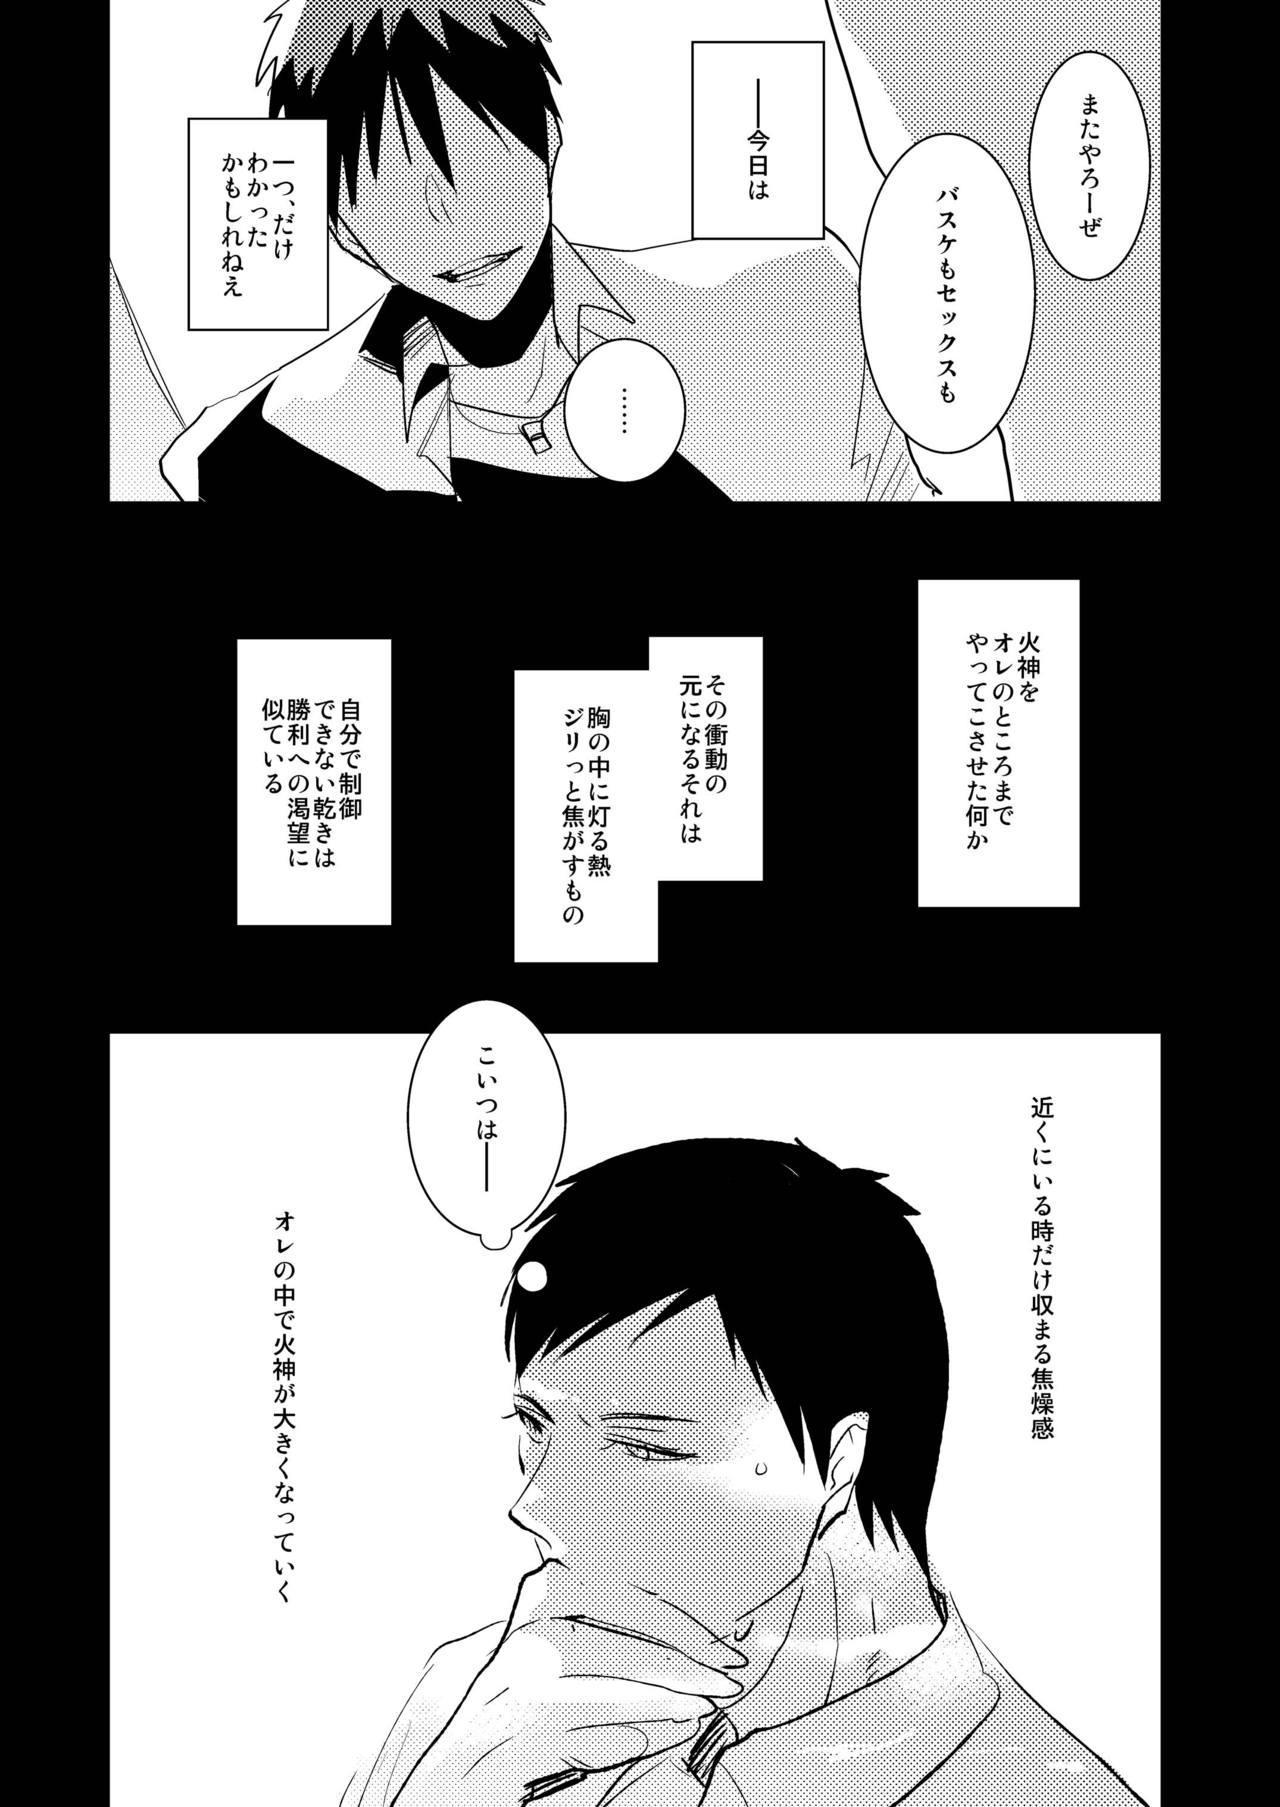 Kagami-kun no Ero hon 9 Ippatsuyara Sete Kure! 30